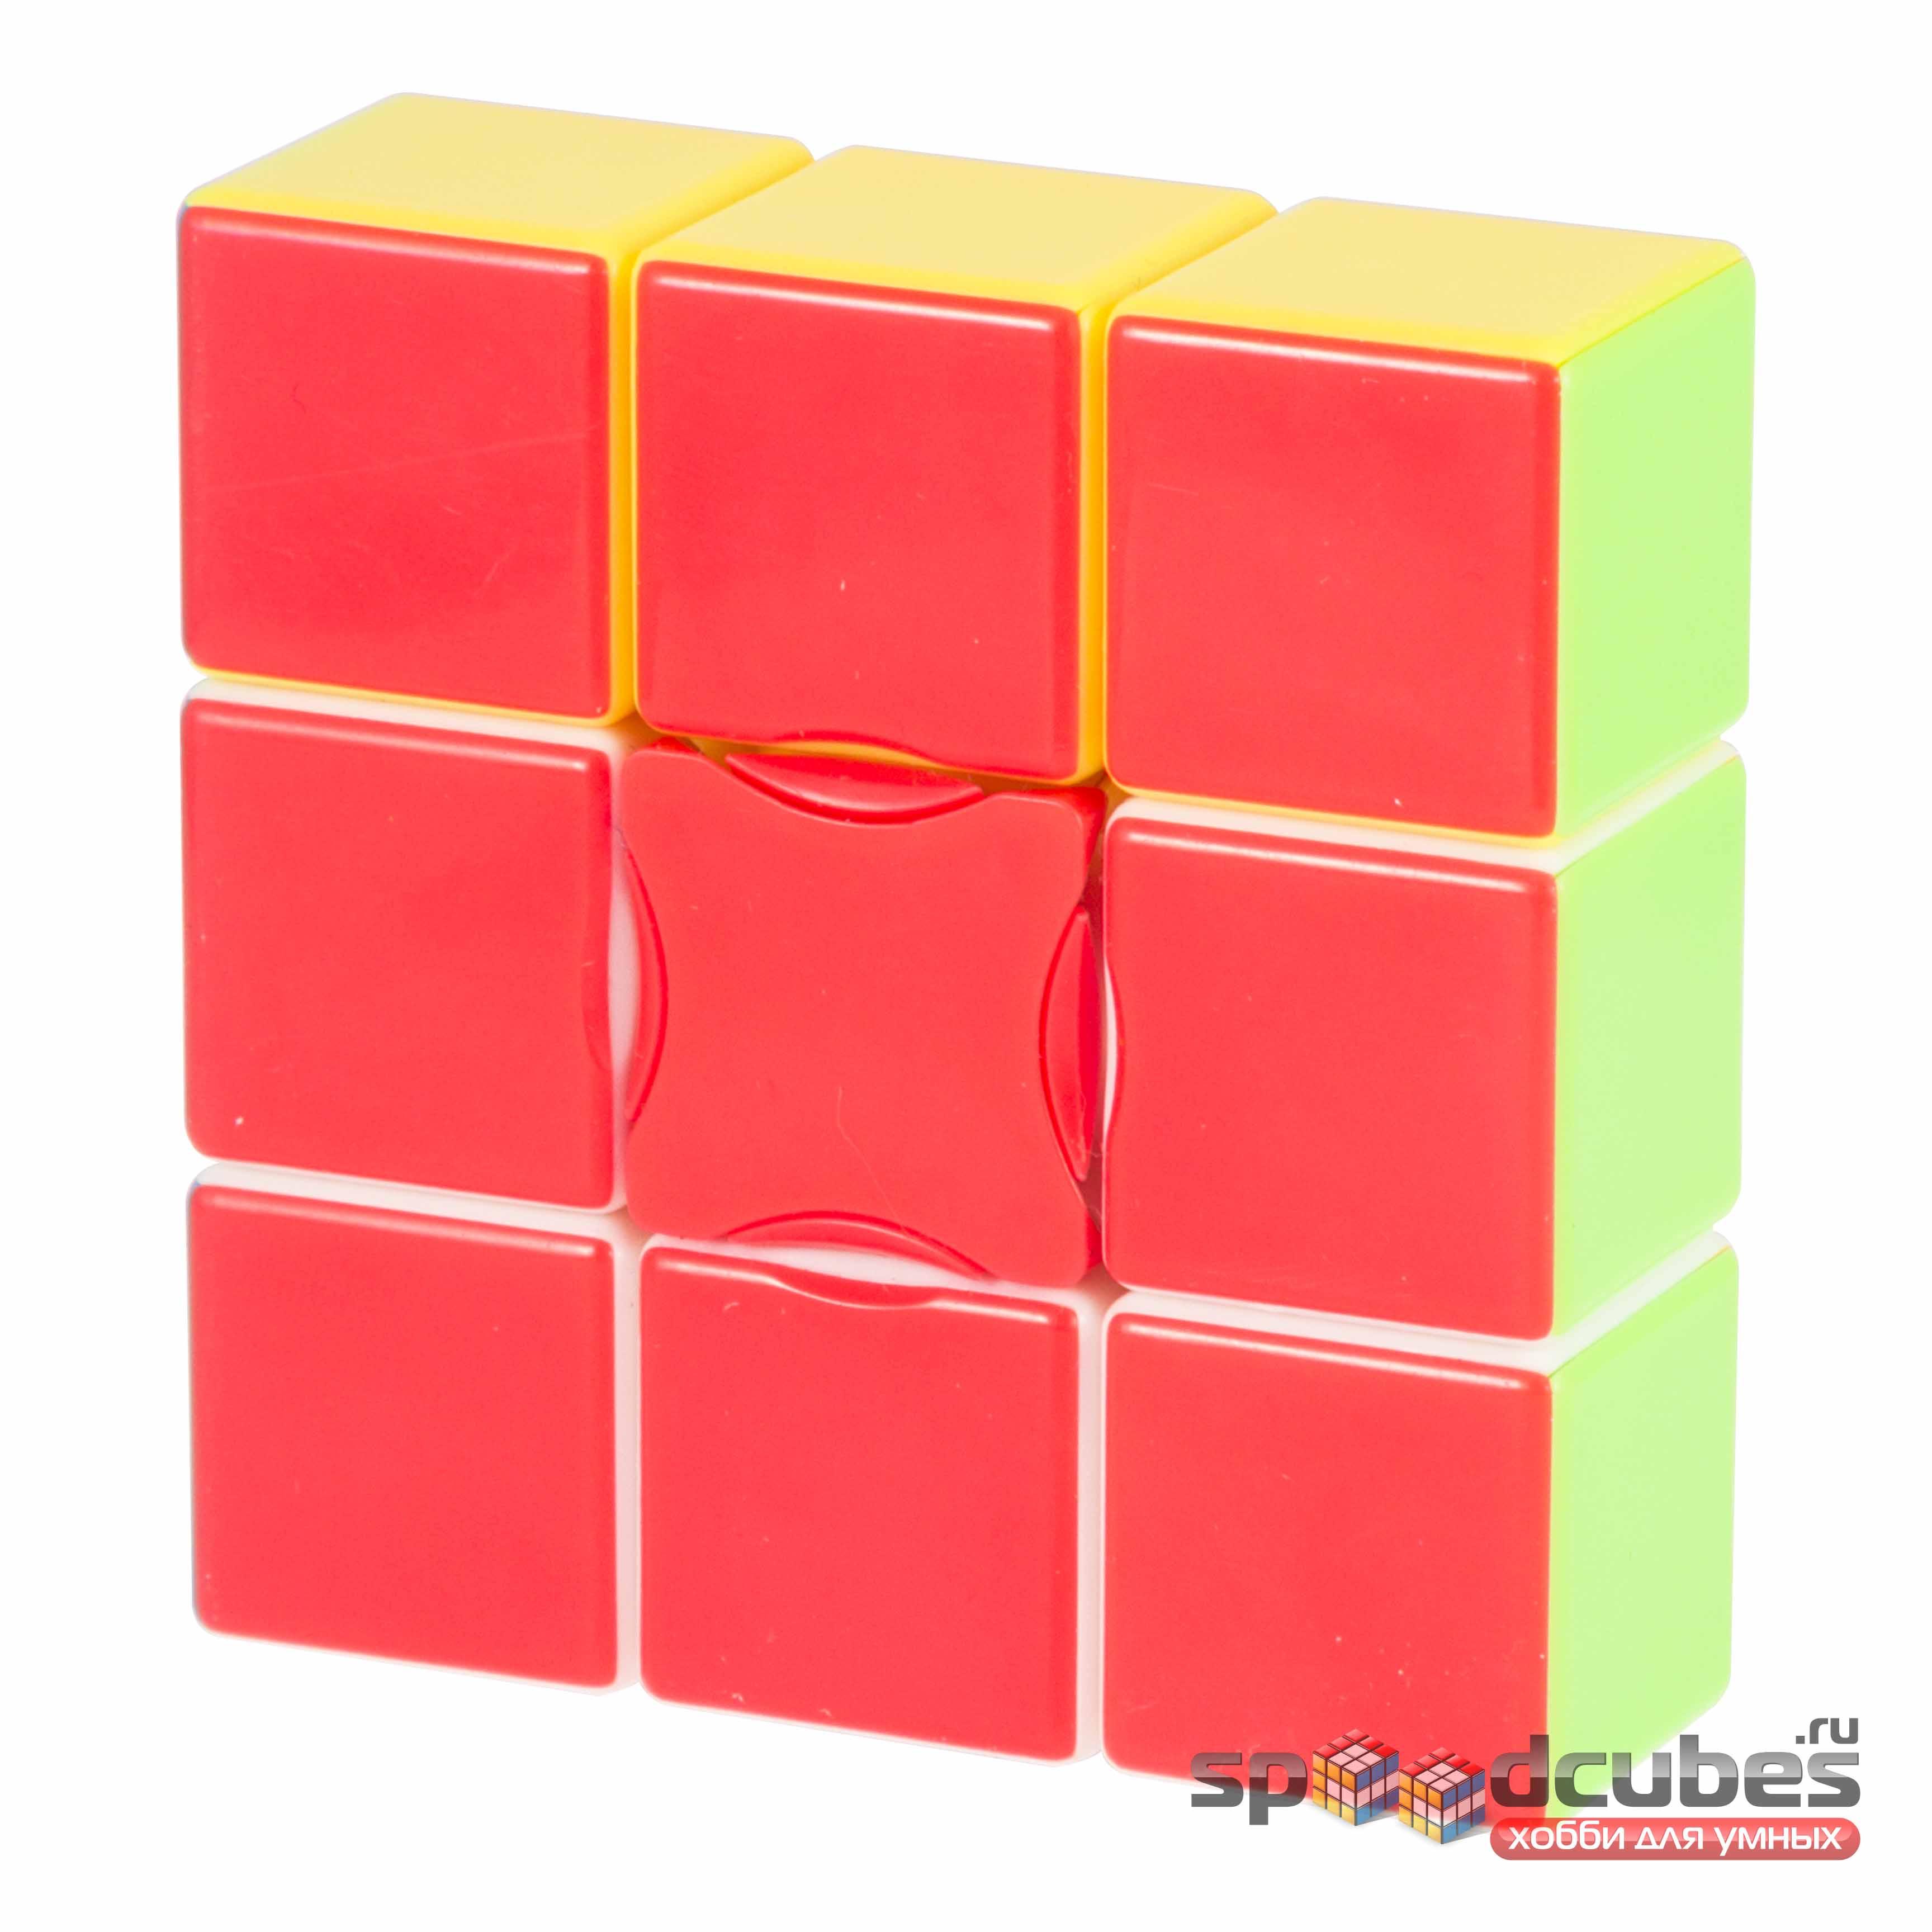 YJ 3x3x1 Floppy (цв)